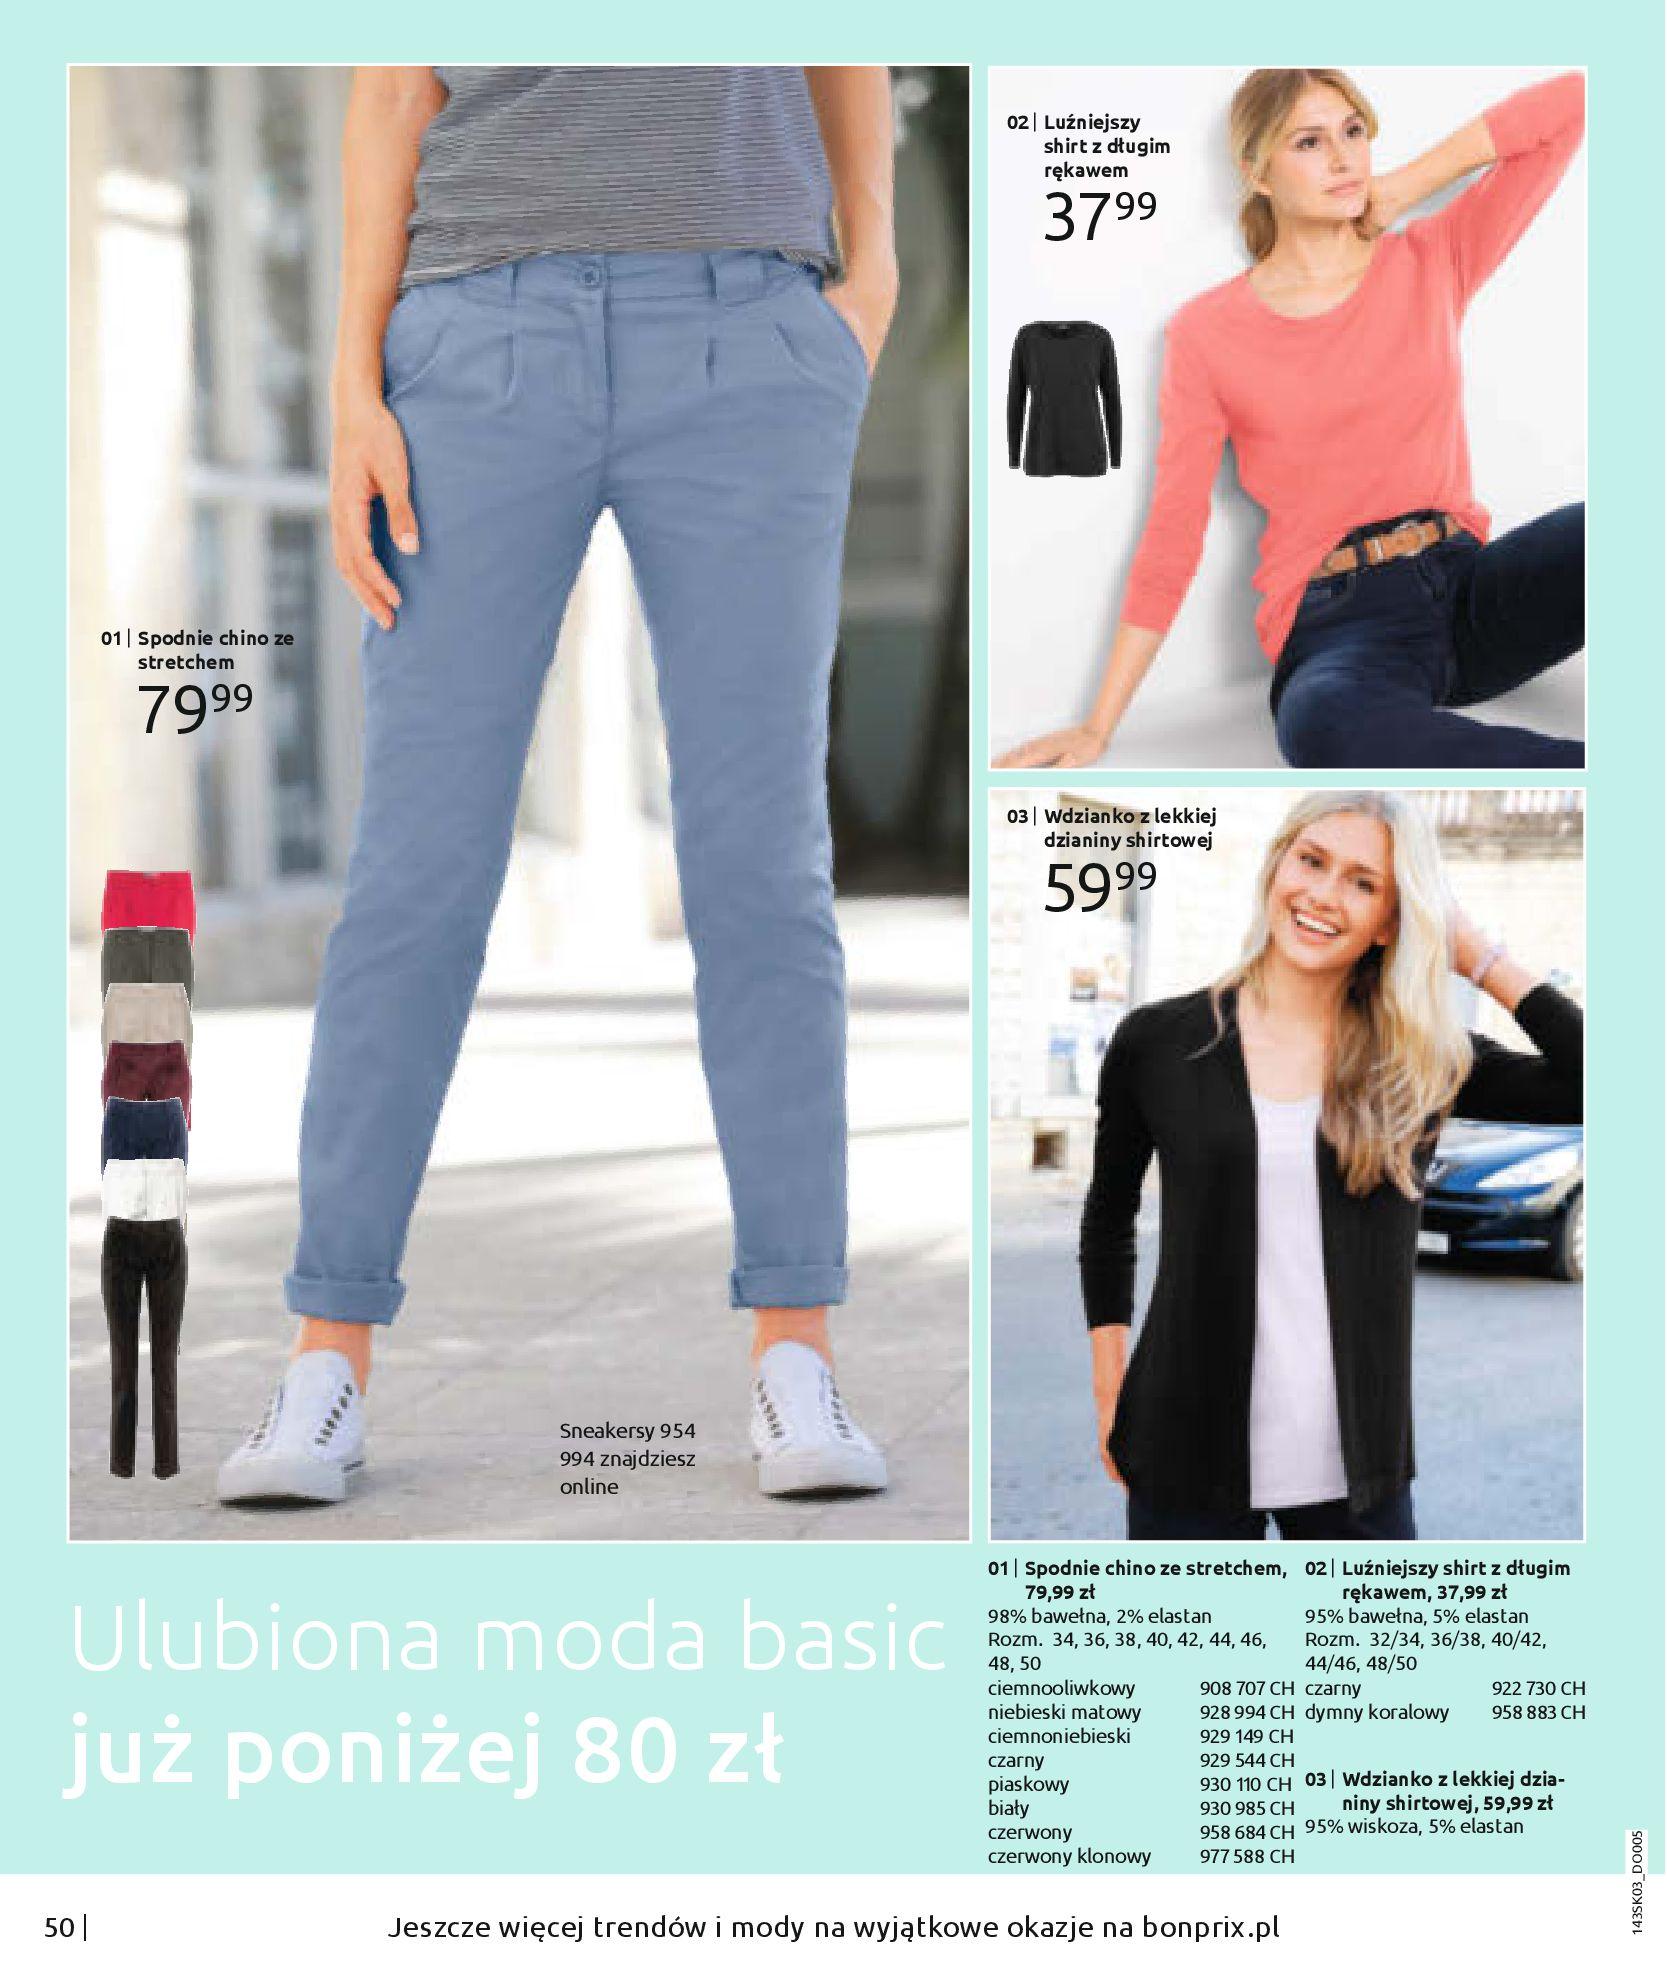 Gazetka Bonprix: Wiosenna moda 2021-03-05 page-52